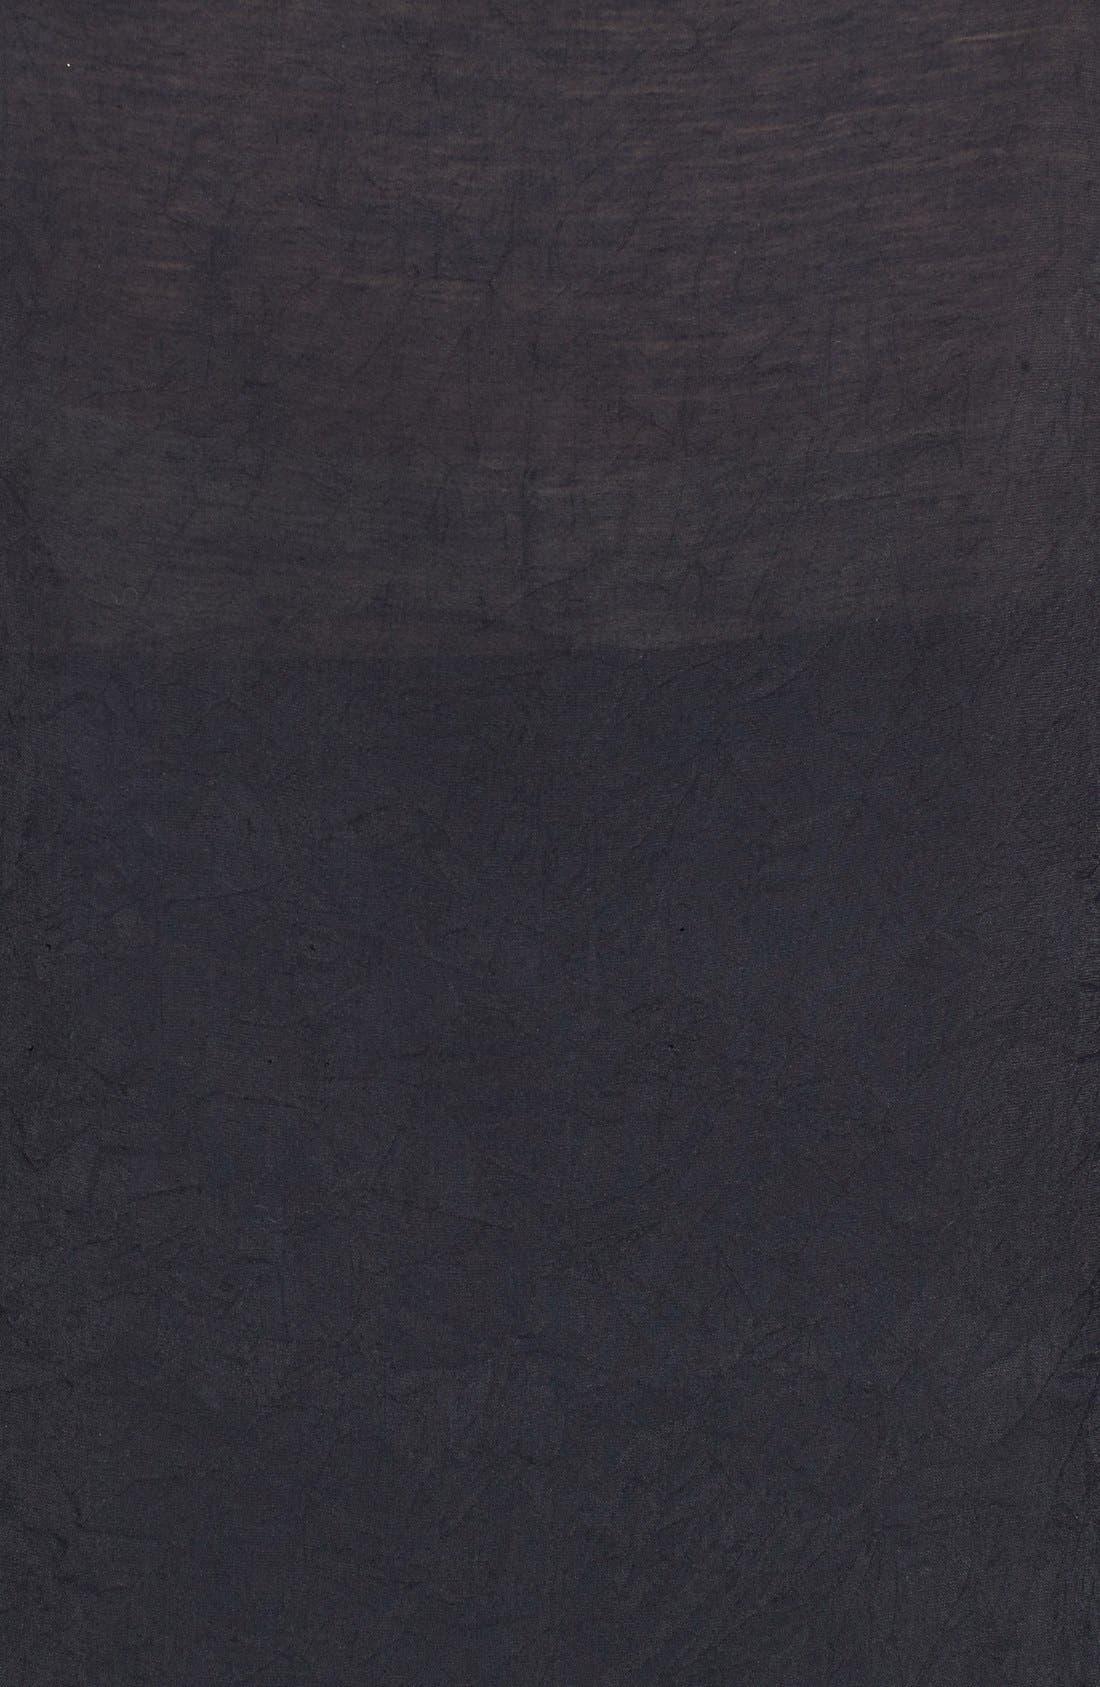 Alternate Image 3  - Citron Ruched Sleeveless Dress (Plus Size)